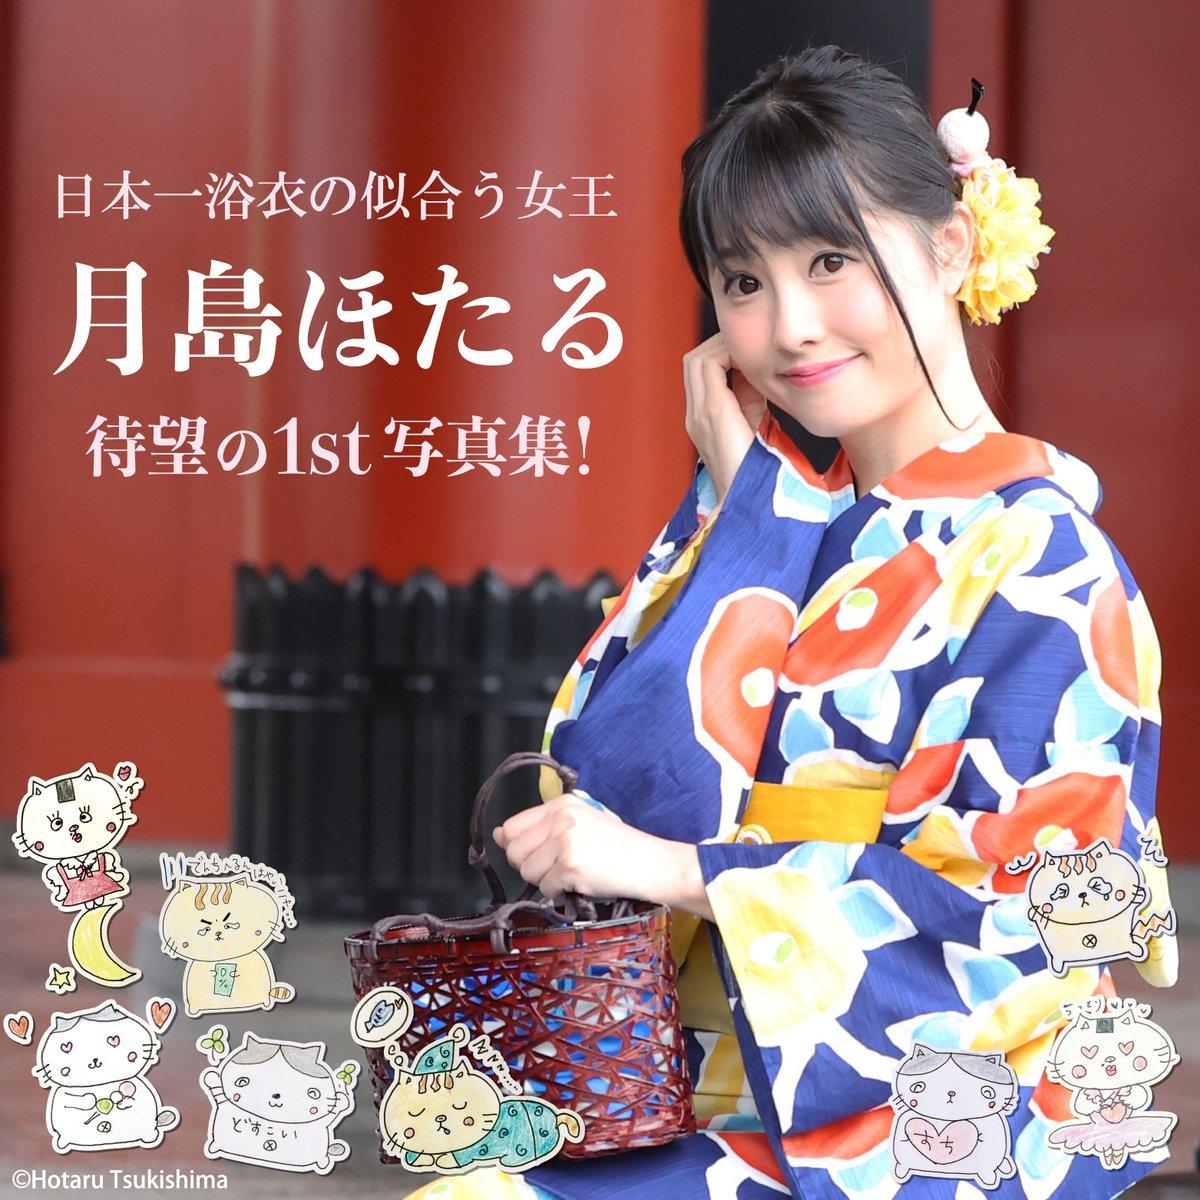 日本一浴衣の似合う女王「月島ほたる」待望の1st写真集&グッズが発売~!